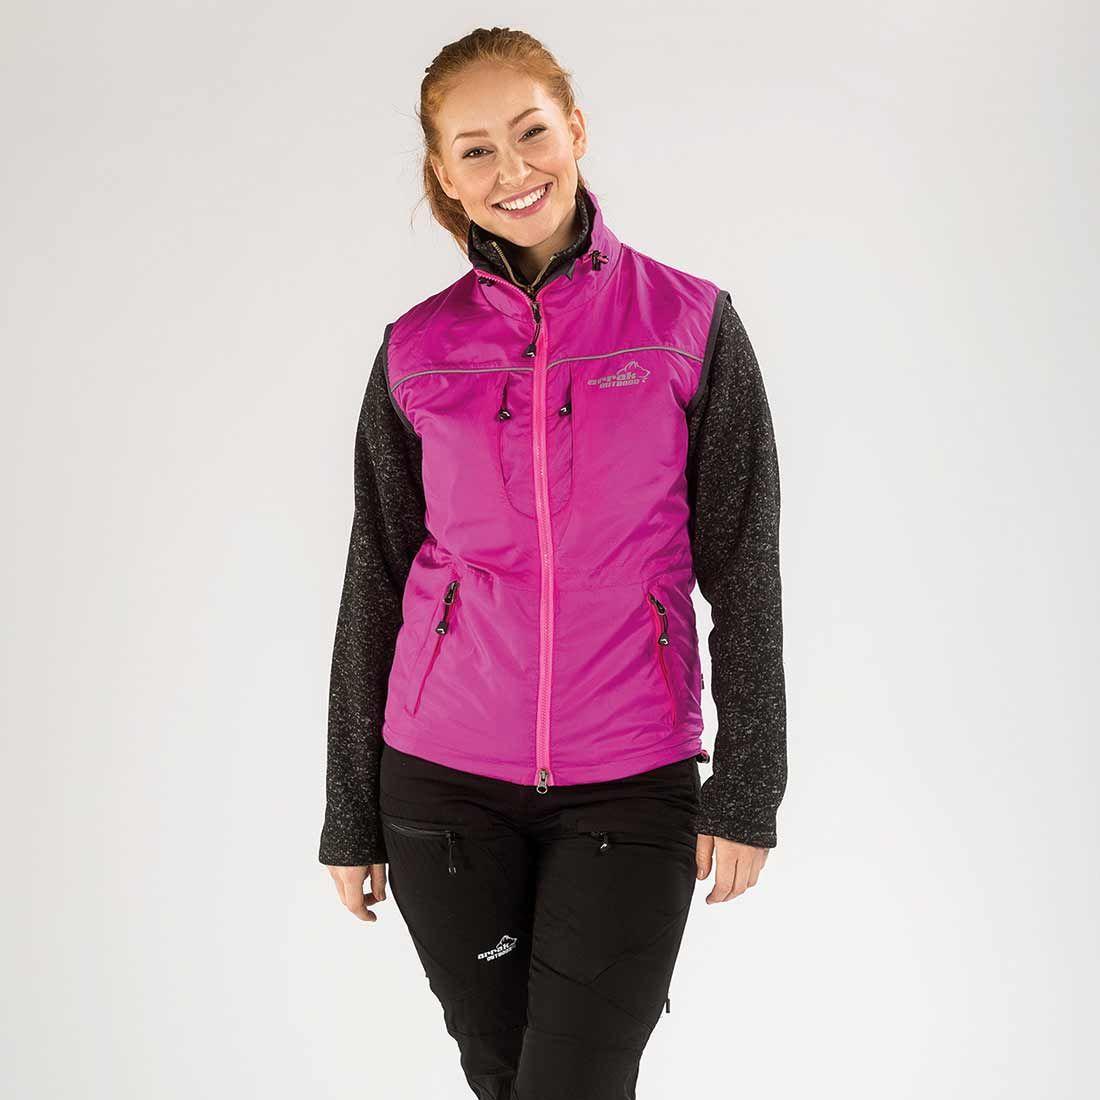 Arrak Jumper vest pink XL